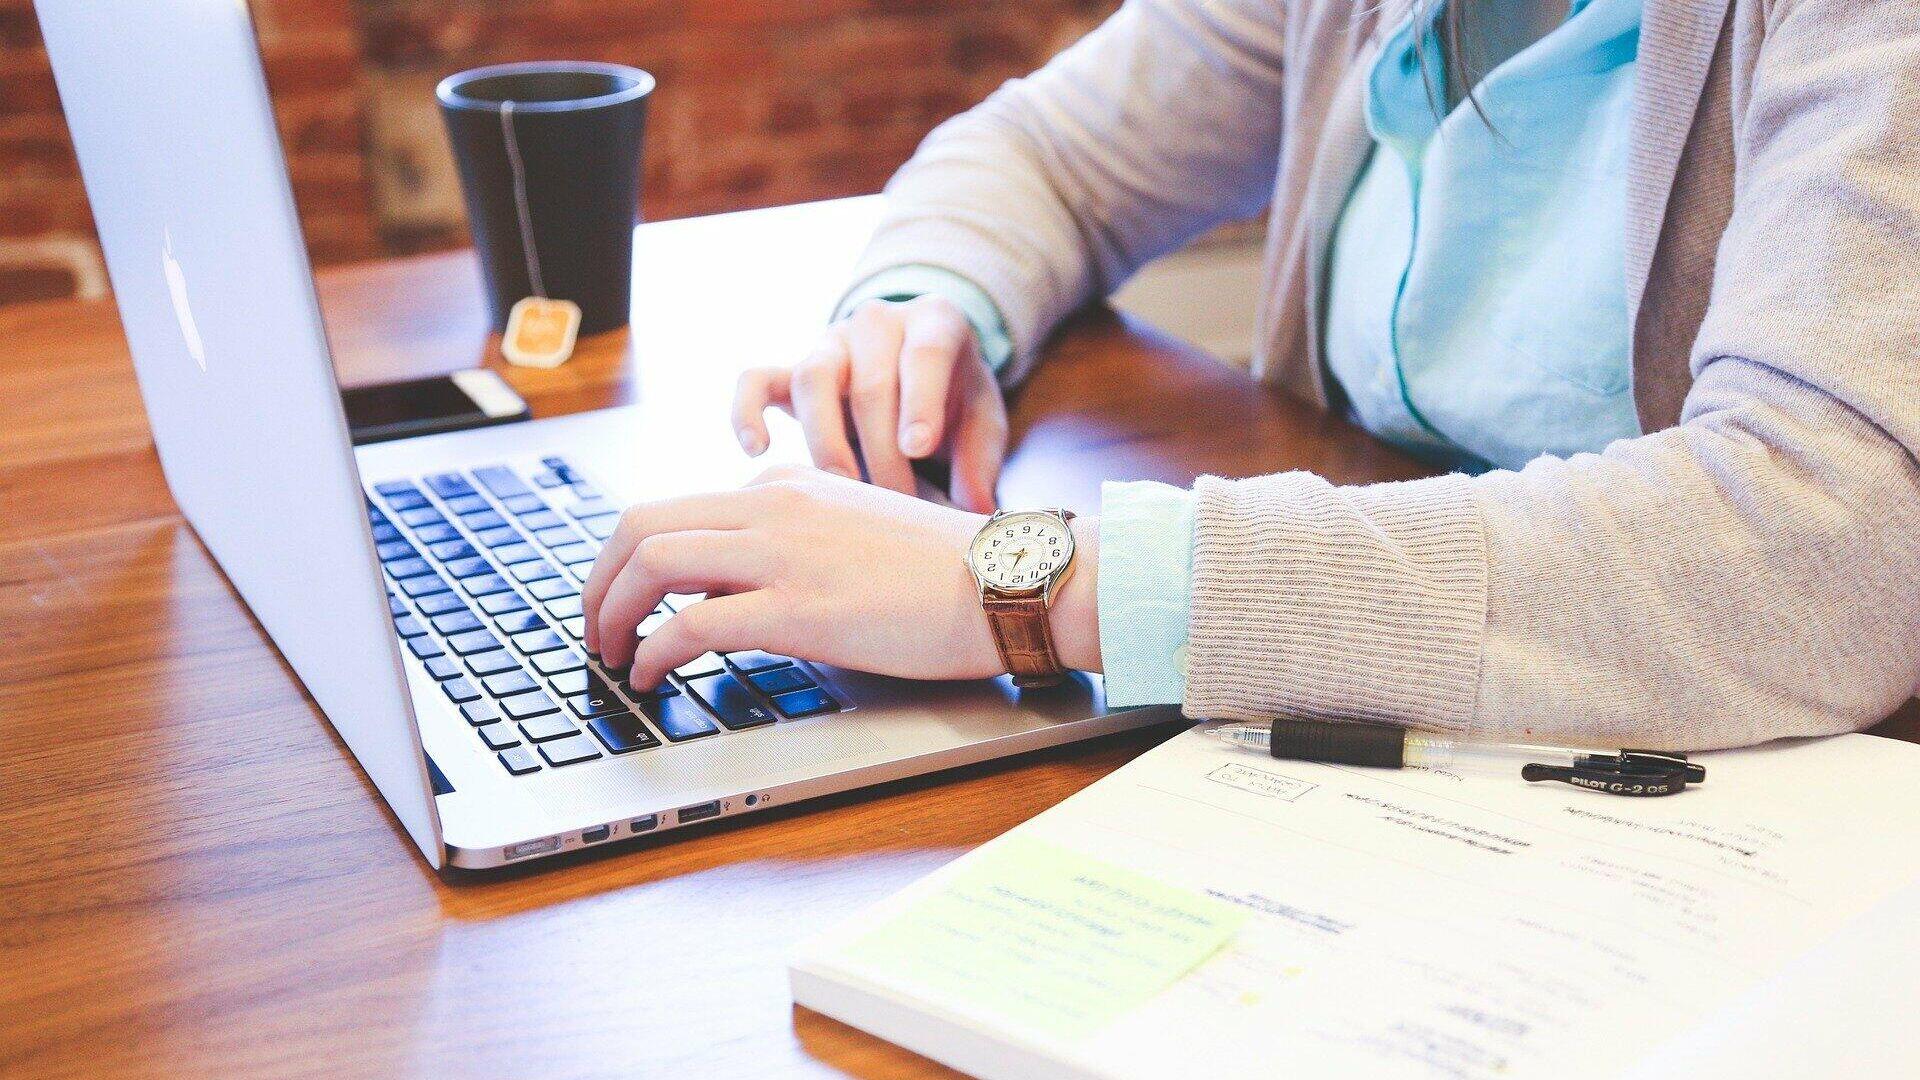 Человек работает за ноутбуком в интернете - руки на клавиатуре - Sputnik Грузия, 1920, 11.09.2021